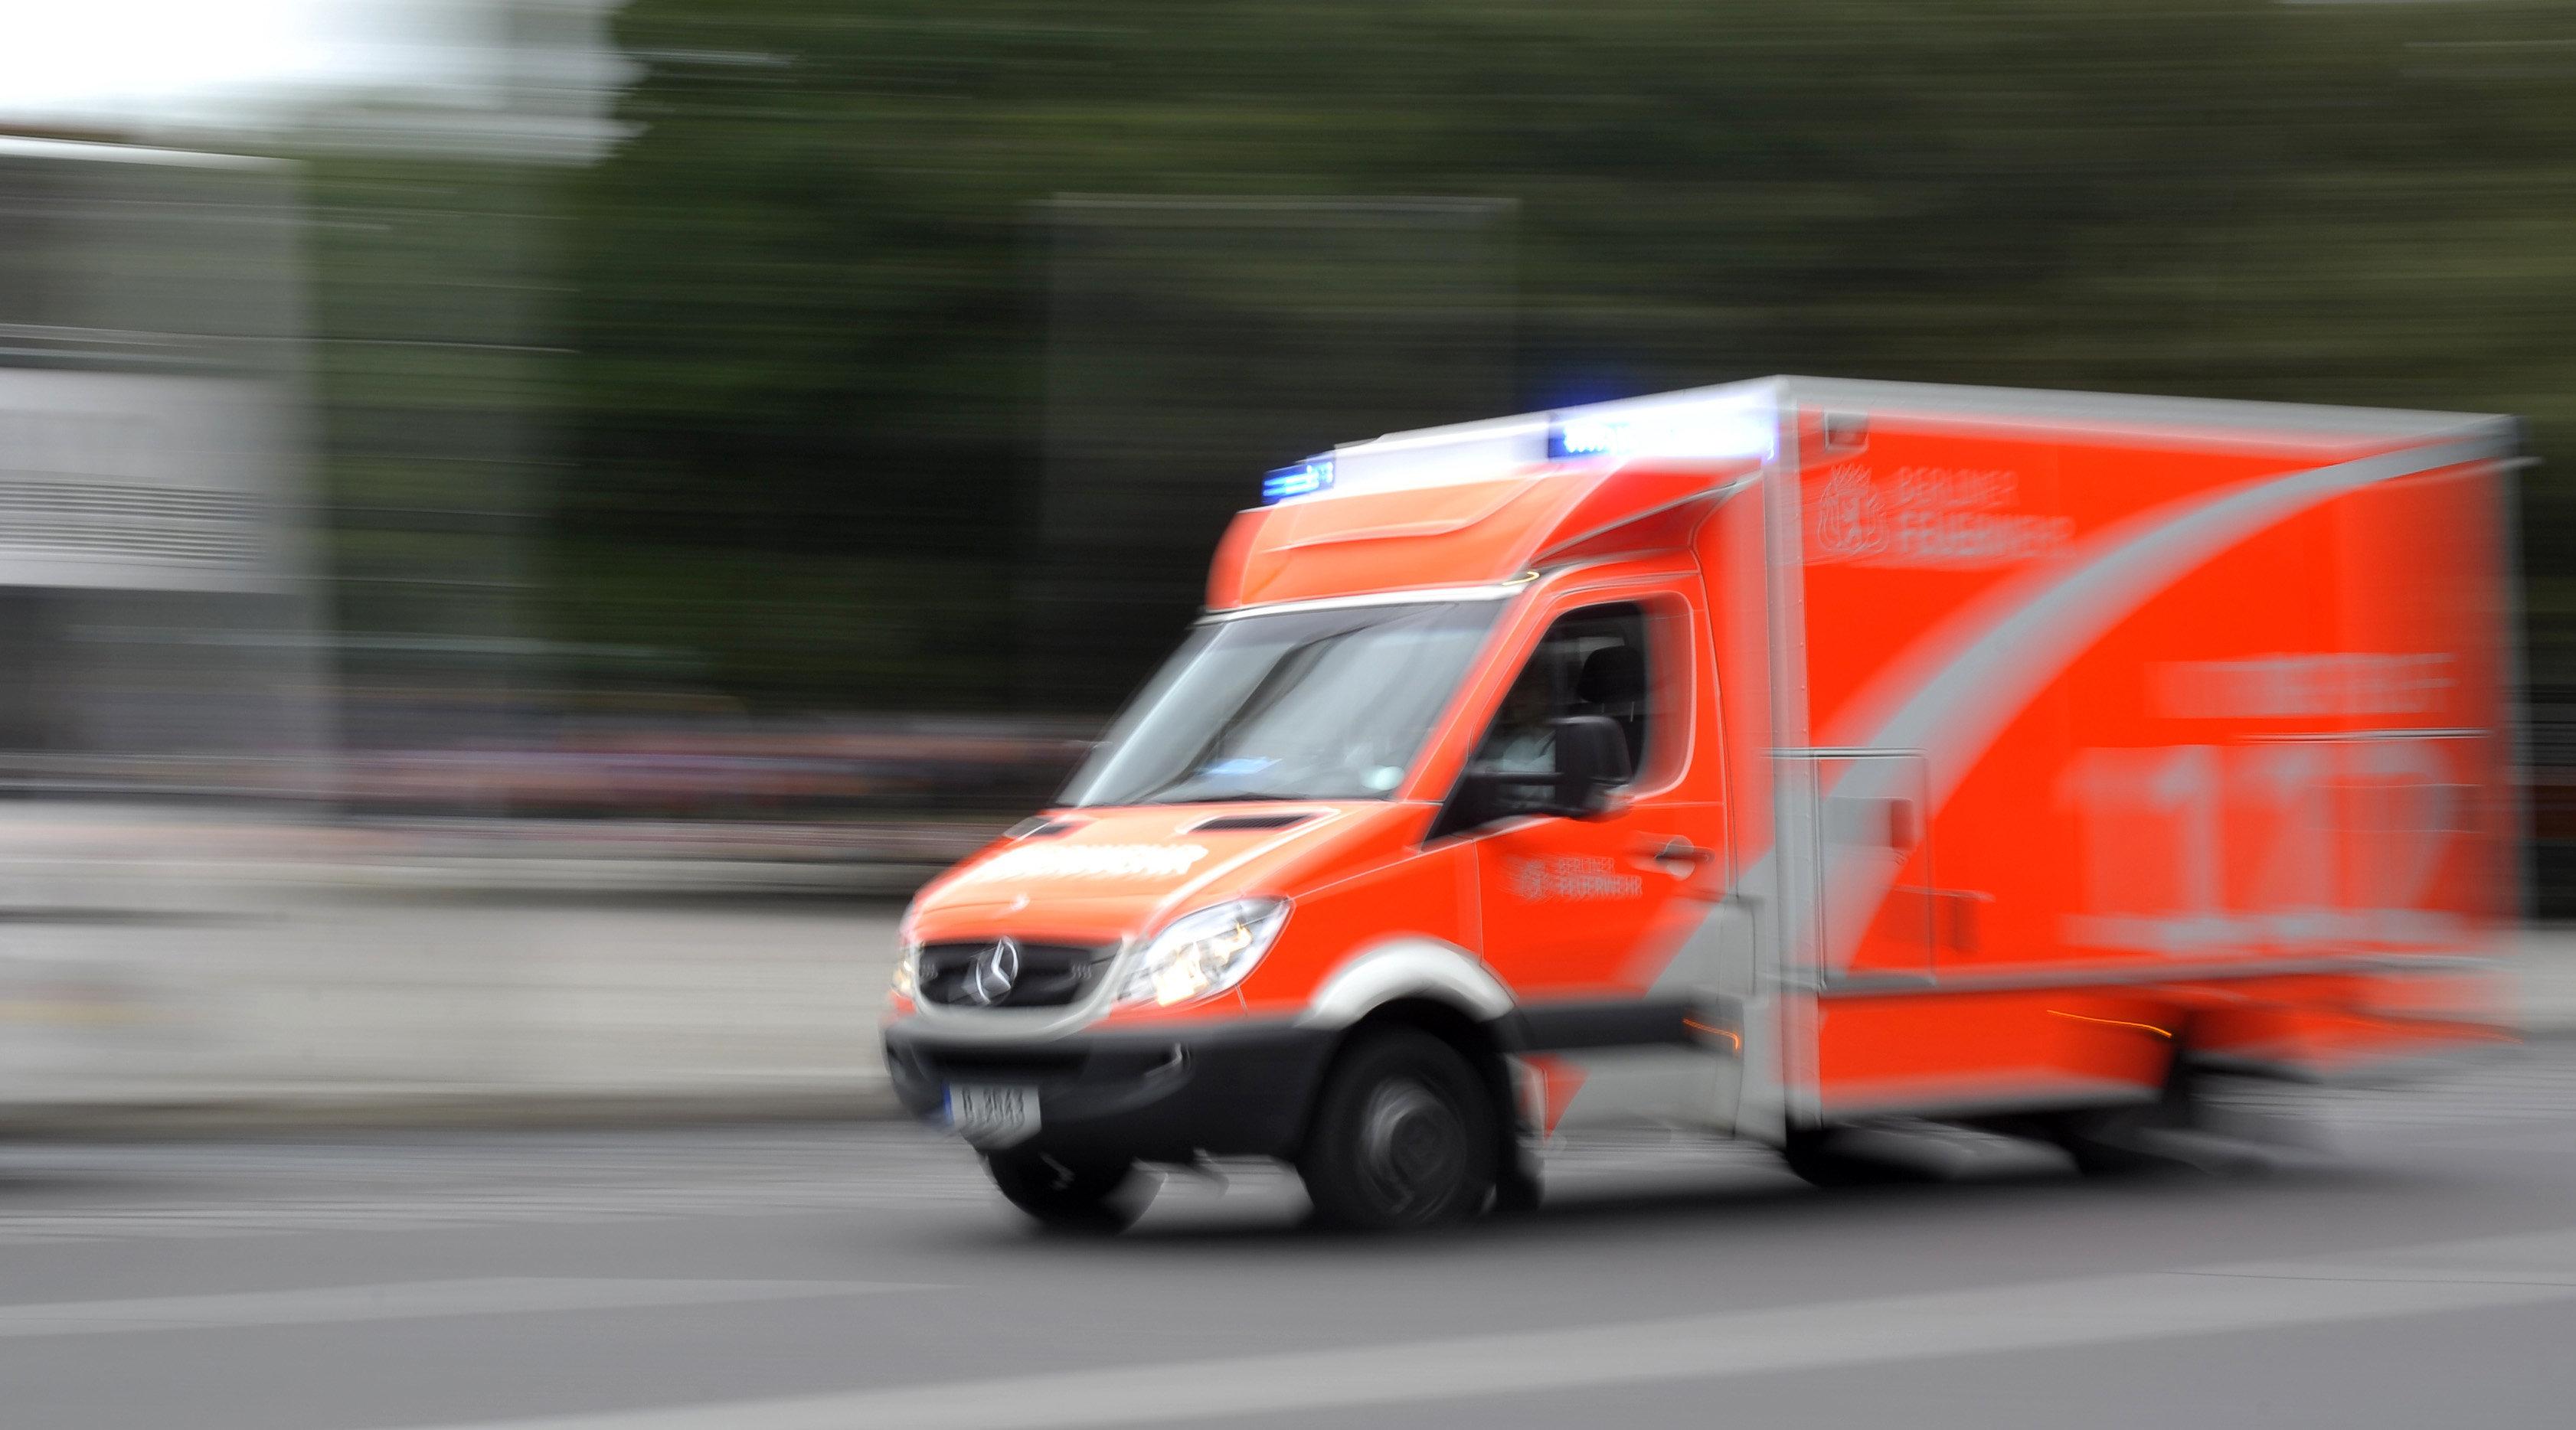 Feuerwehr findet tote Frau in Dortmunder Wohnung